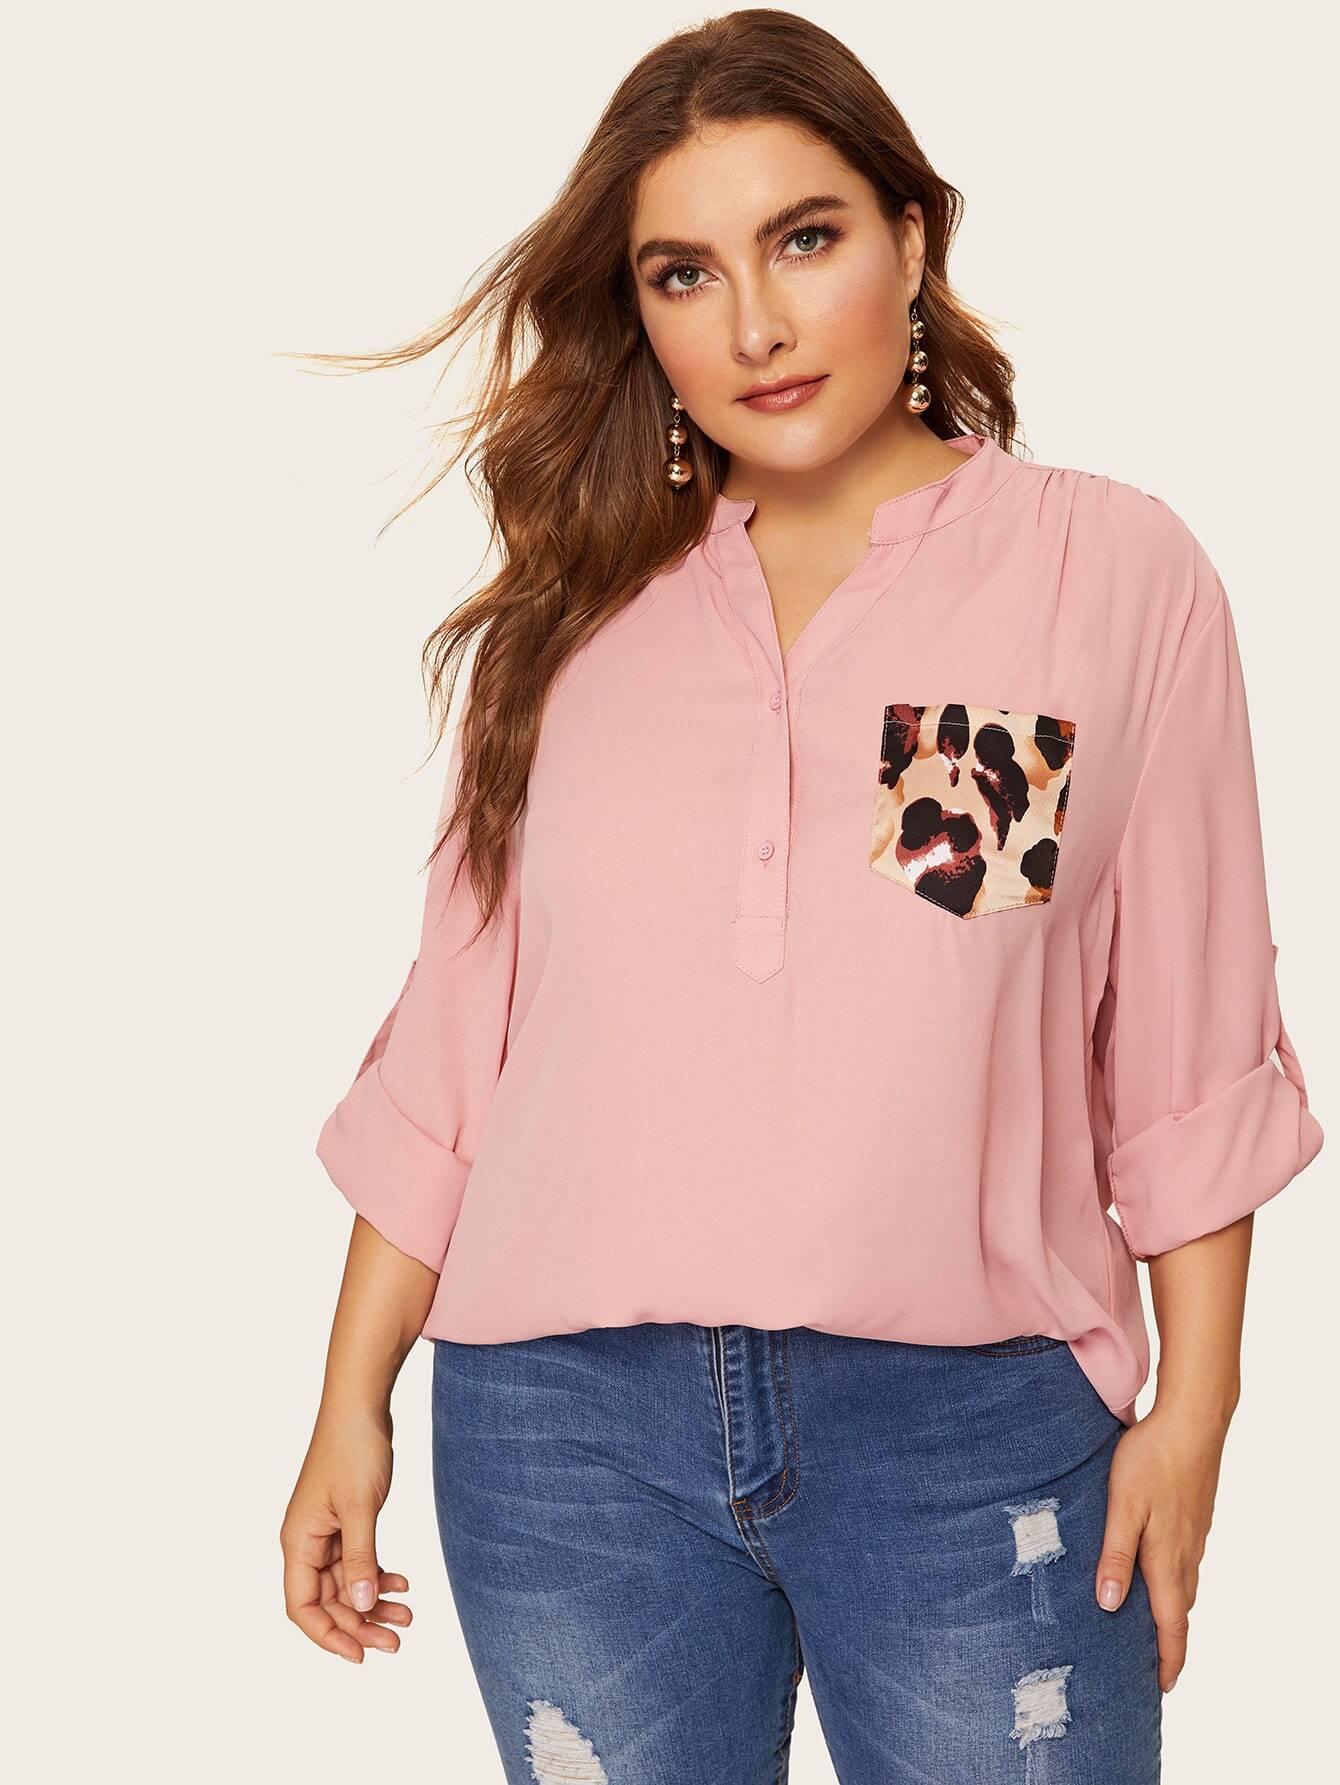 Размер плюс леопардовая блузка с оригинальным рукавом и карманом, Franziska, SheIn  - купить со скидкой